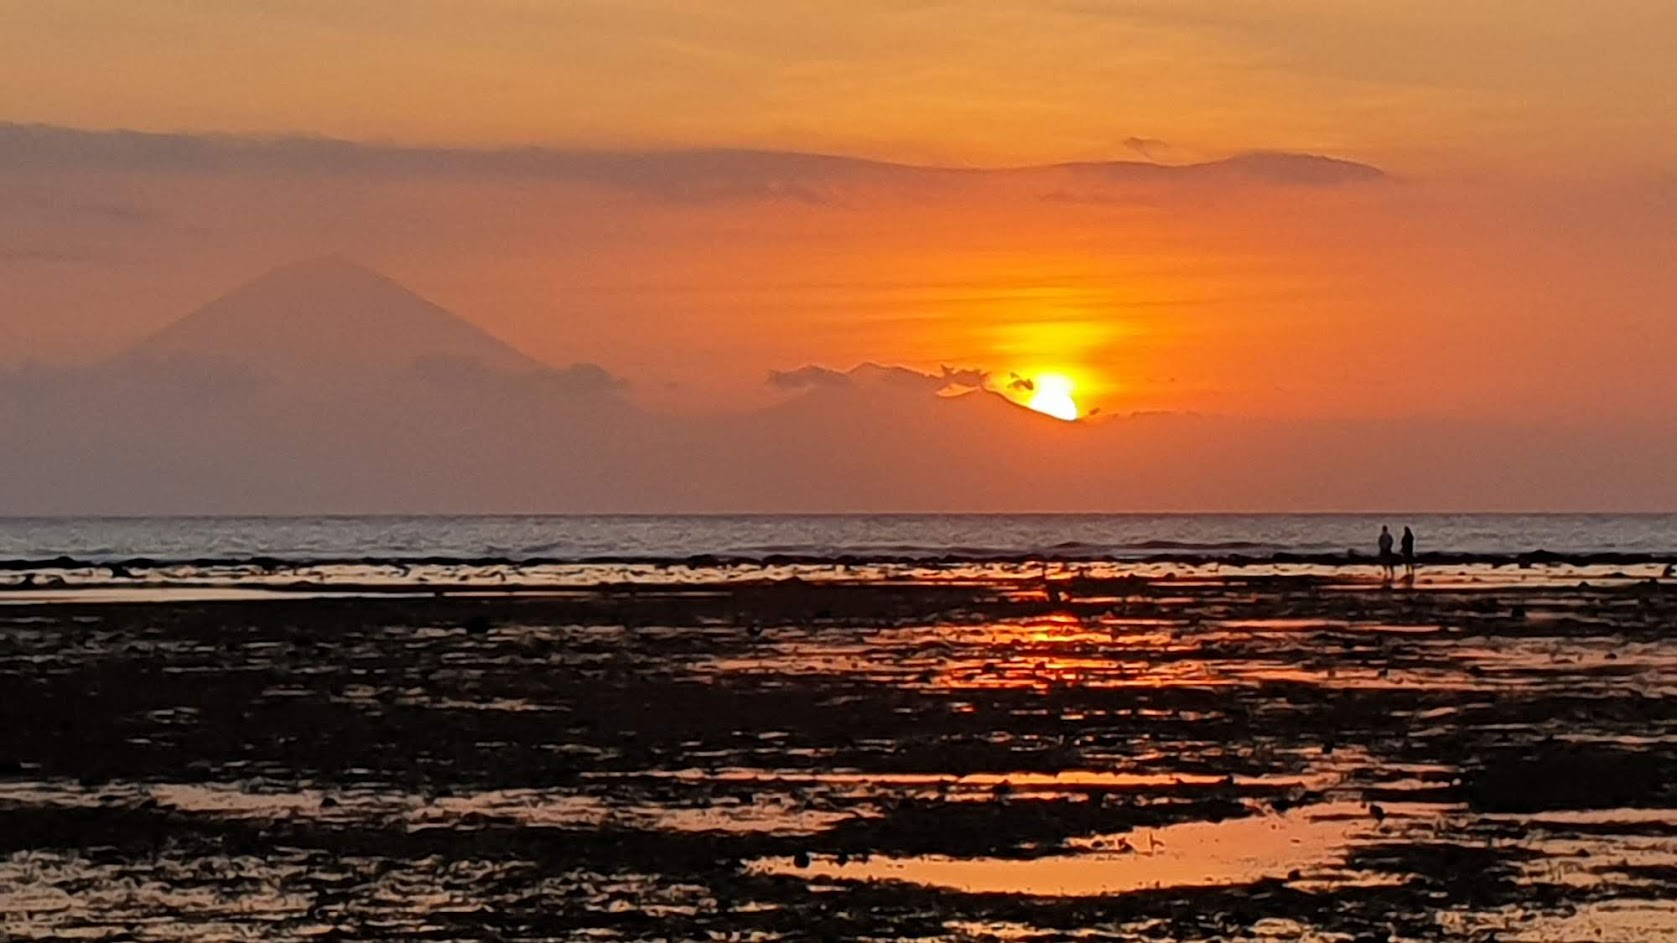 VIAJAR EM LOMBOK | Dicas, roteiro de viagem (dia-à-dia) e o que visitar em Lombok, a ilha sensação da Indonésia